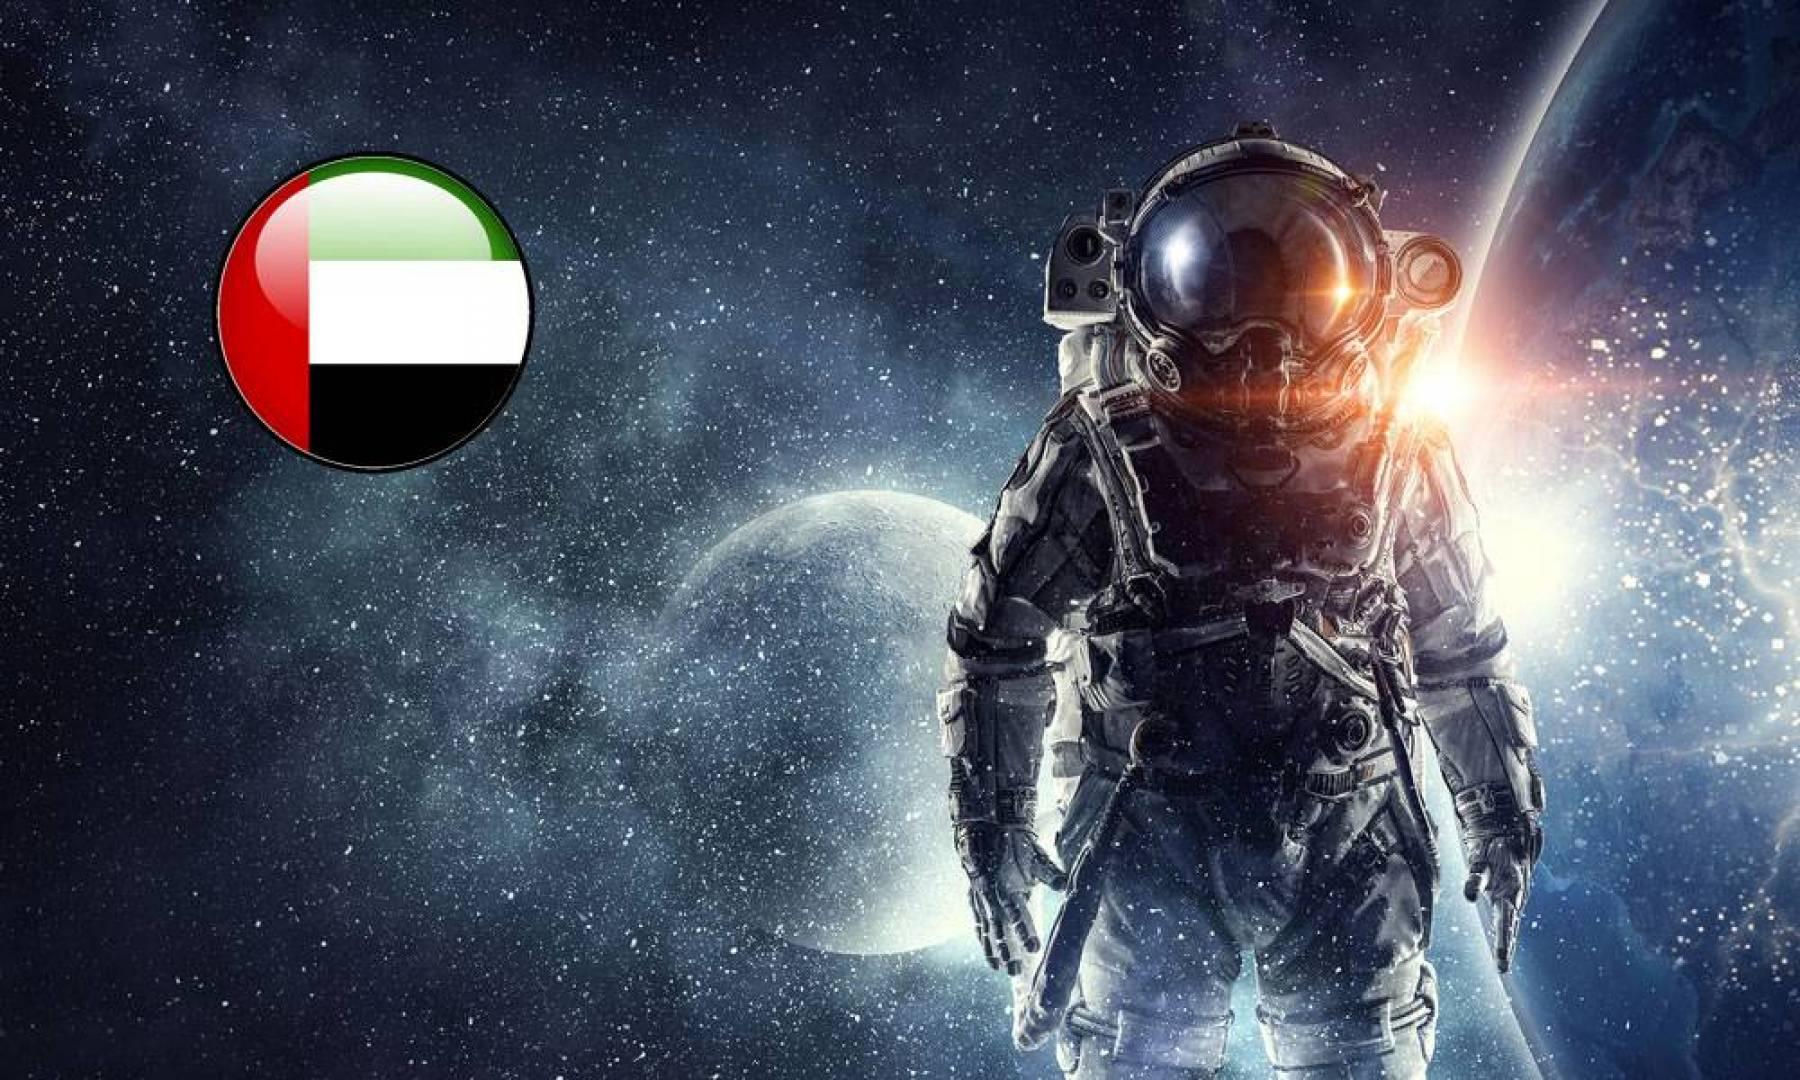 الإمارات تطلق برنامجاً لرعاية المواهب العربية في مجال الفضاء